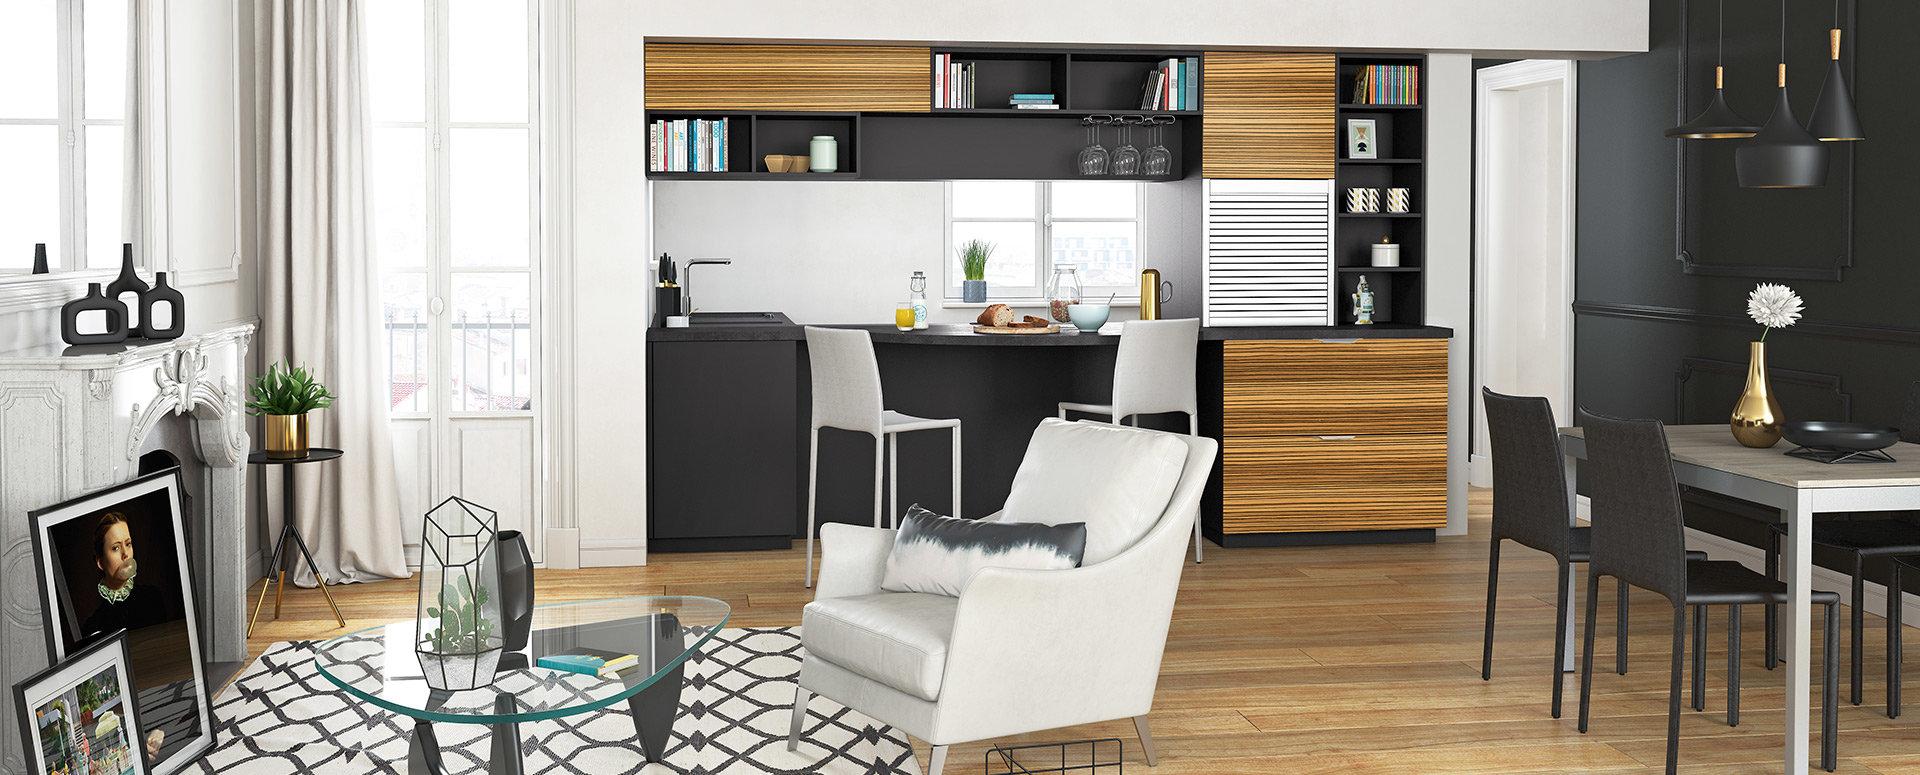 Bilde Lite åpent trendig kjøkken svart tre retro